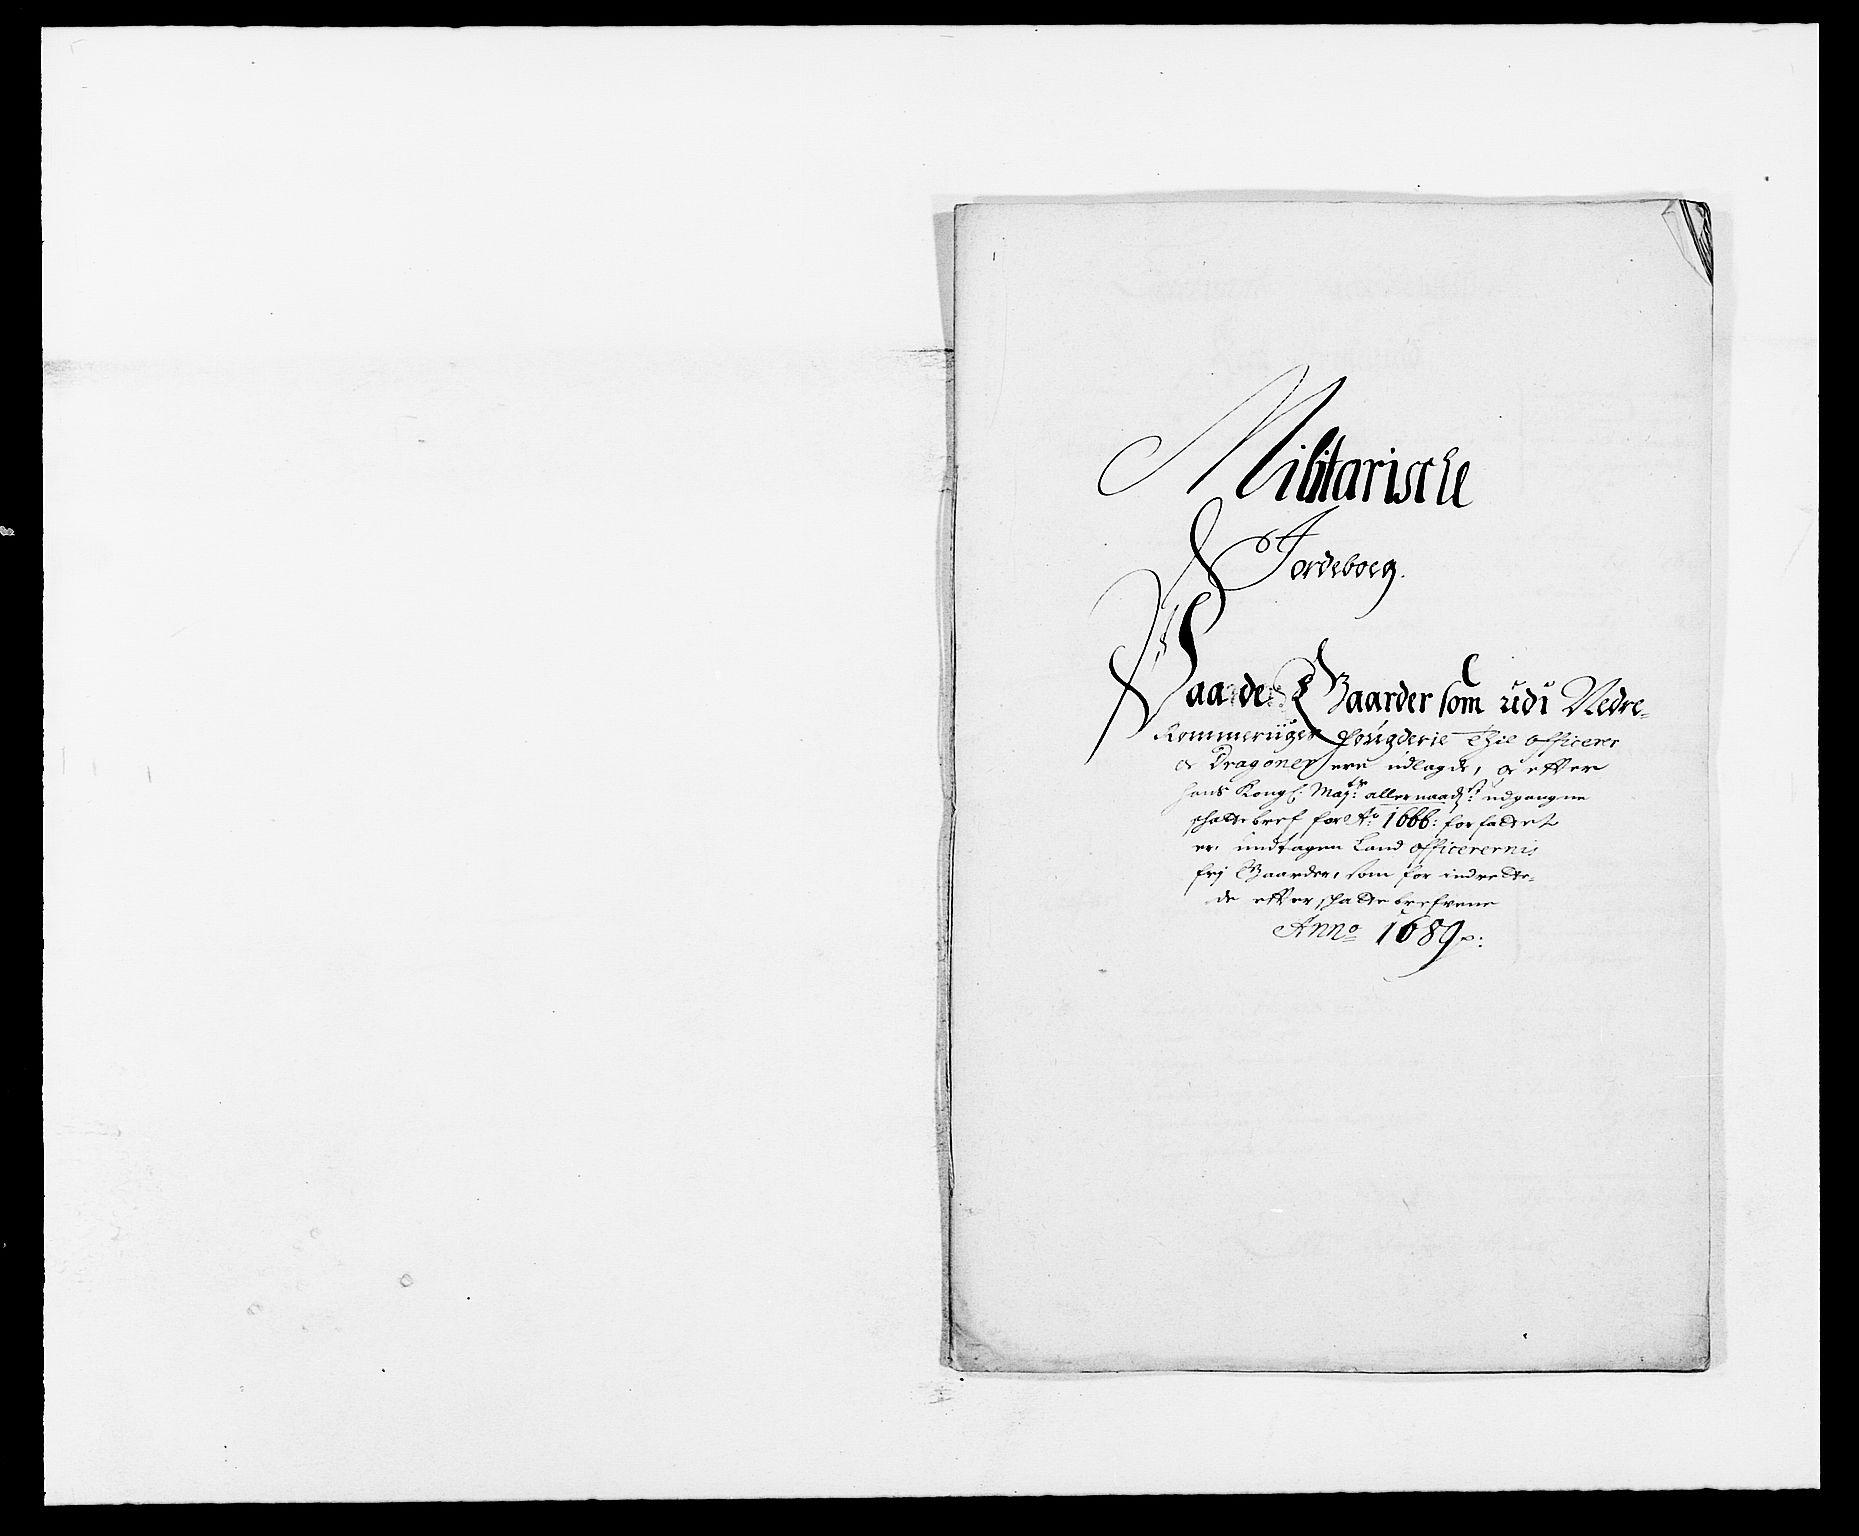 RA, Rentekammeret inntil 1814, Reviderte regnskaper, Fogderegnskap, R11/L0574: Fogderegnskap Nedre Romerike, 1689-1690, s. 208